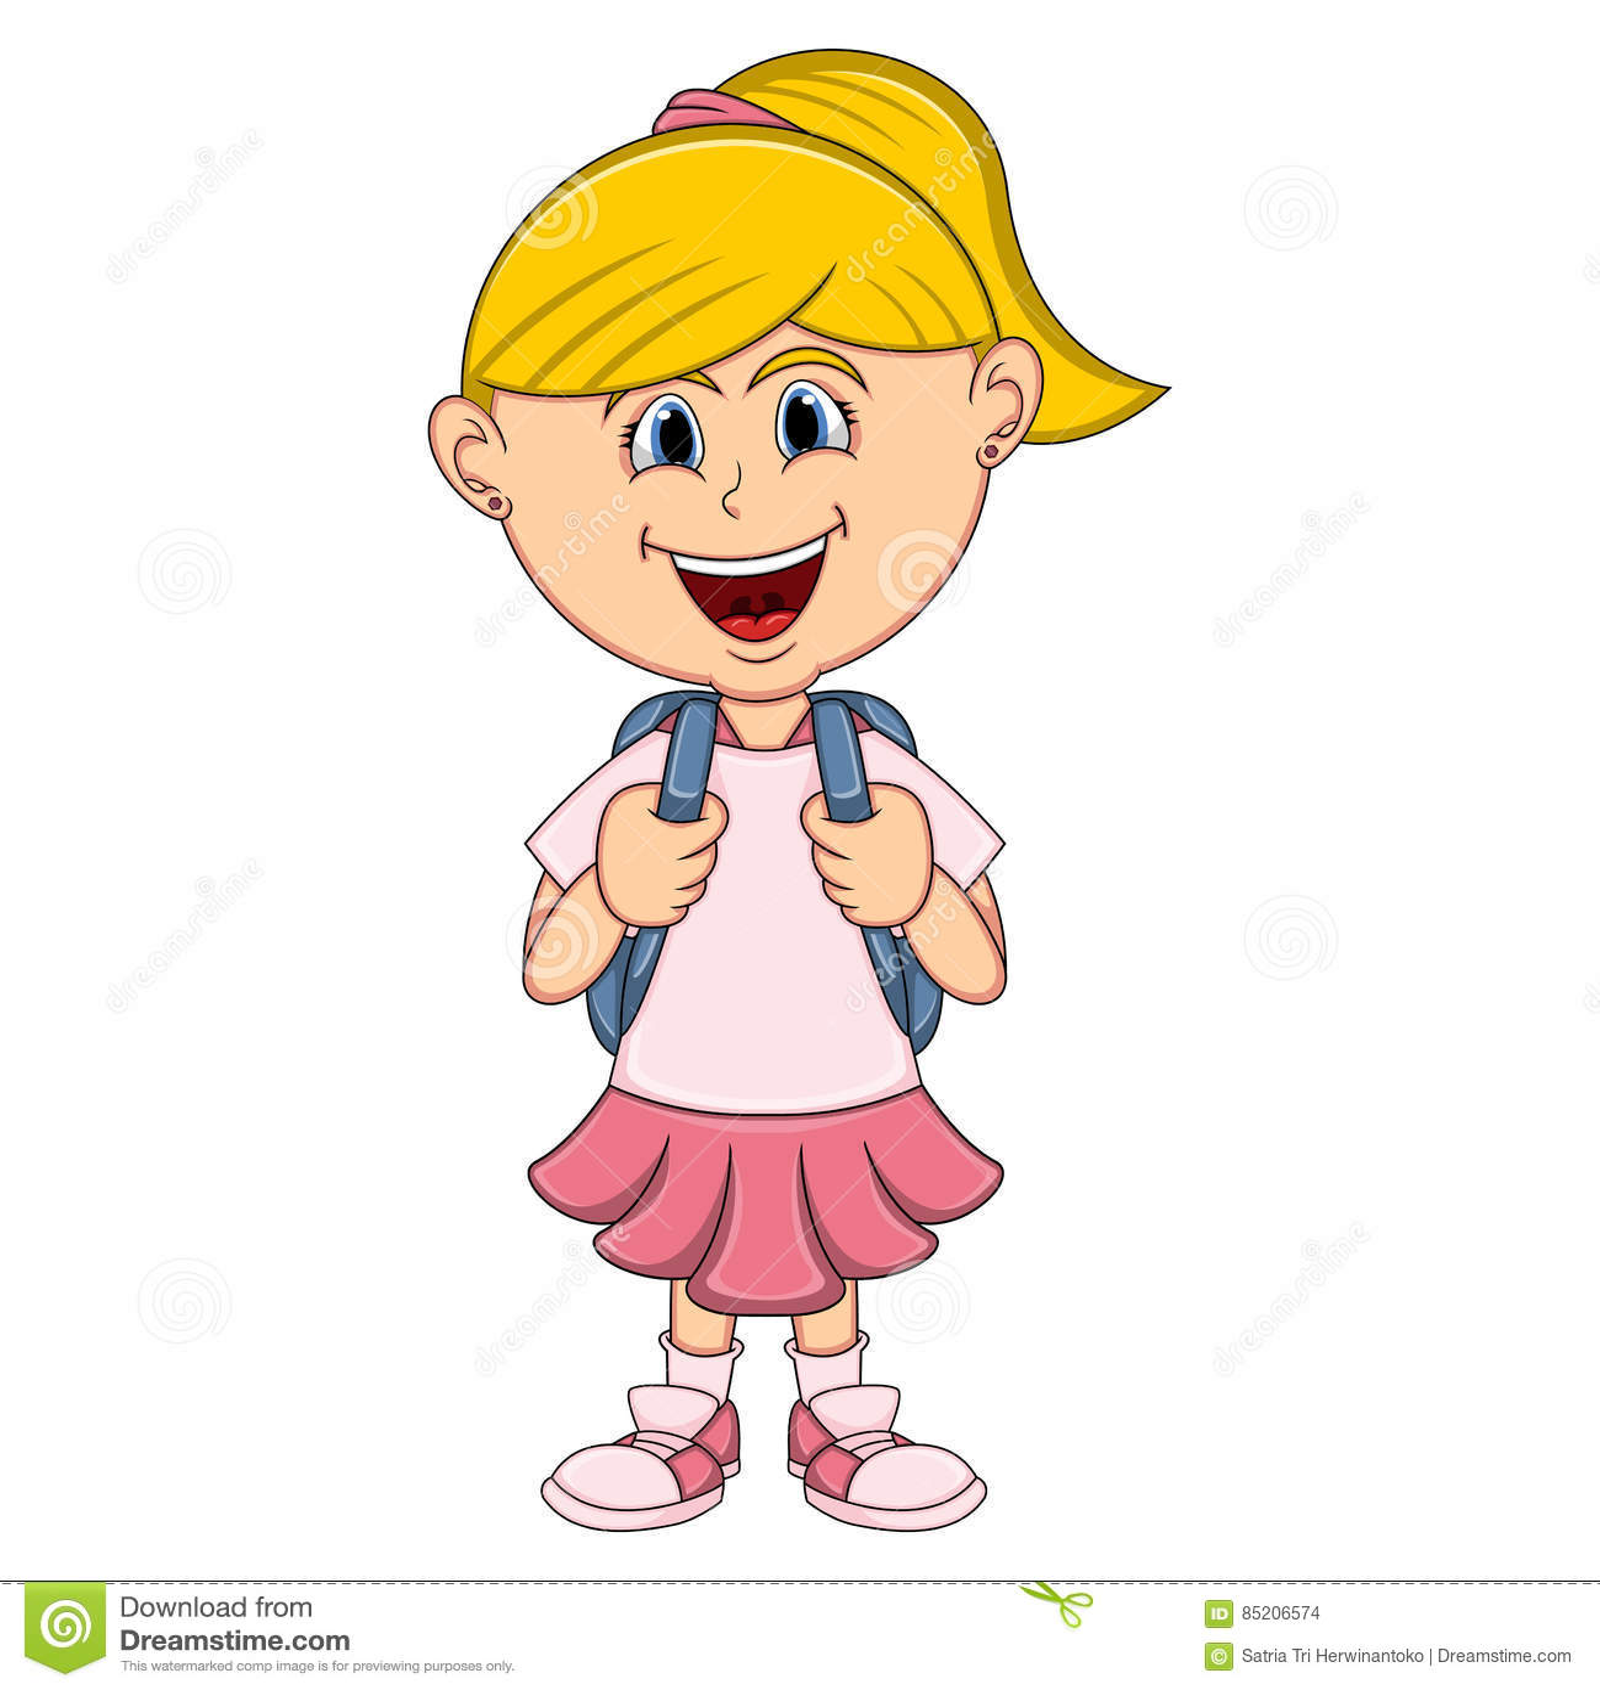 petite fille avec la bande dessin e de sac dos illustration de vecteur image 85206574. Black Bedroom Furniture Sets. Home Design Ideas